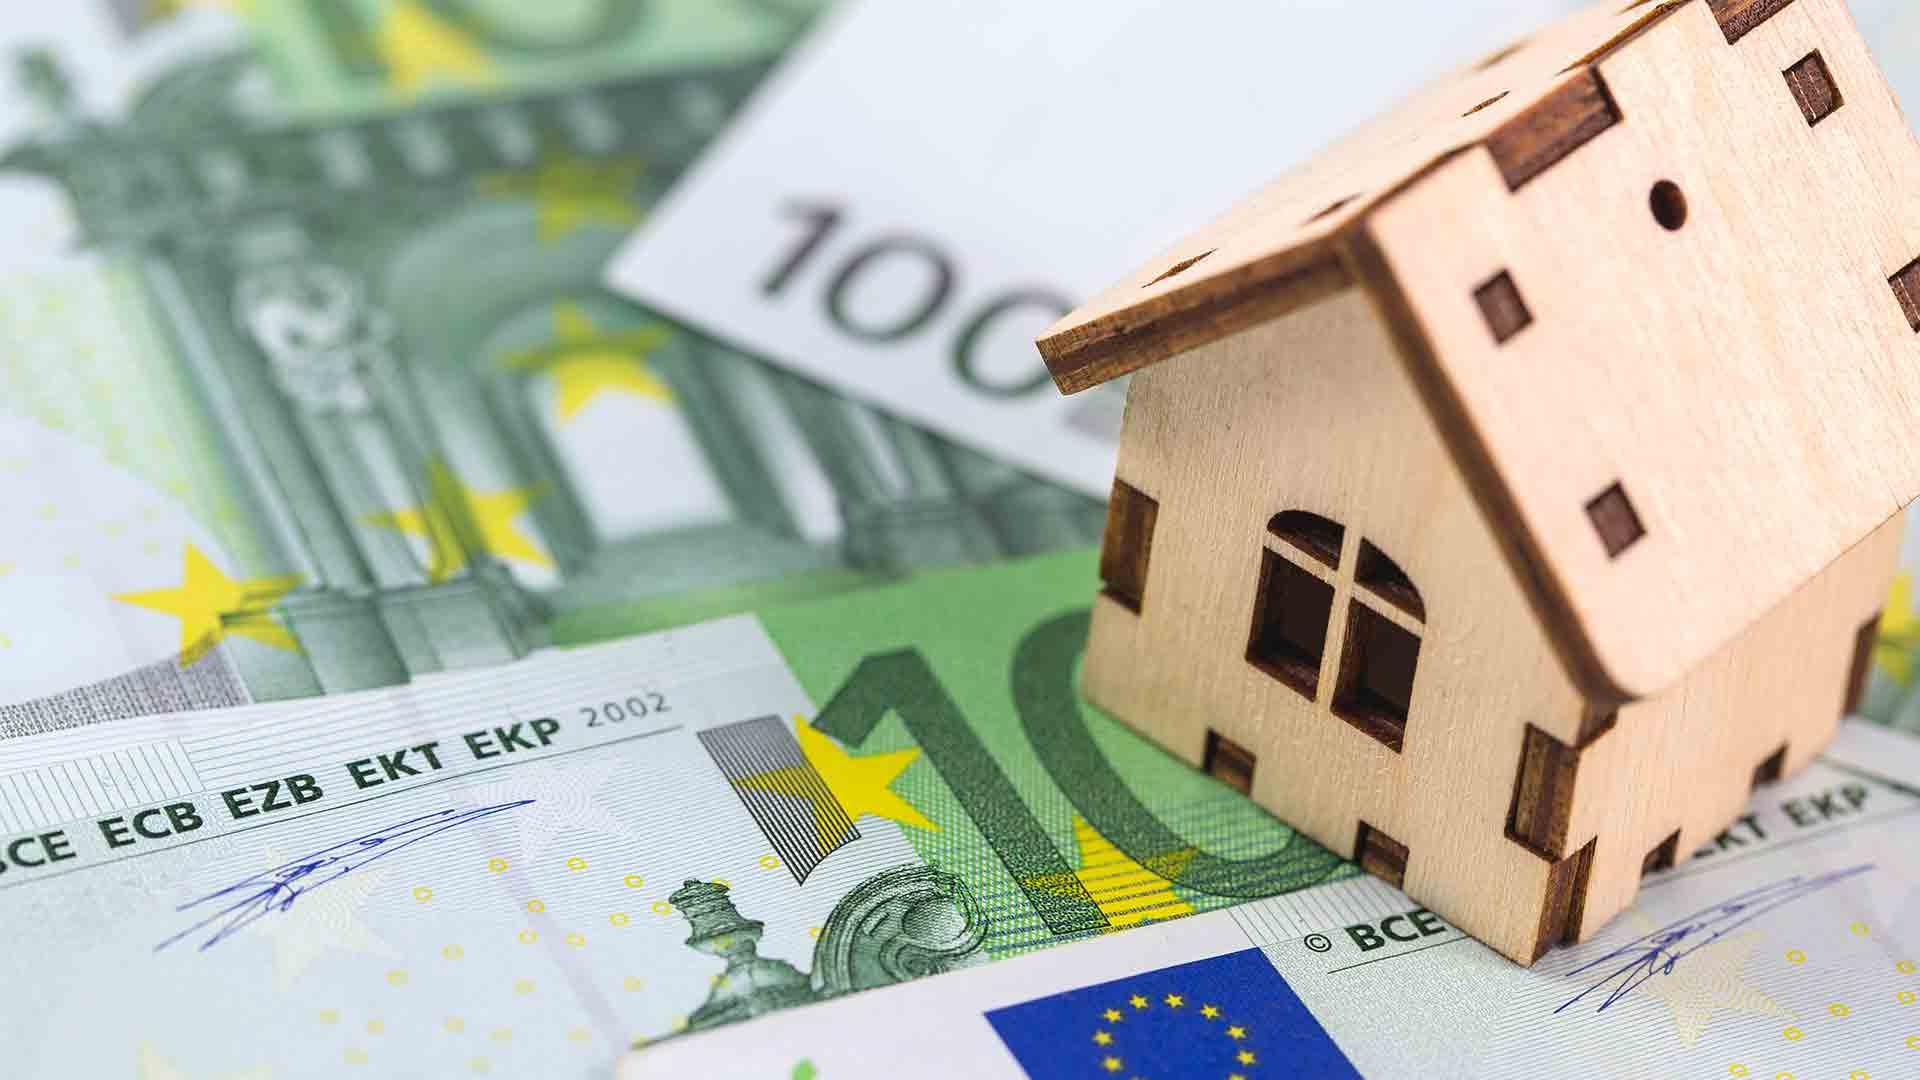 Hausbau steuerlich absetzbar